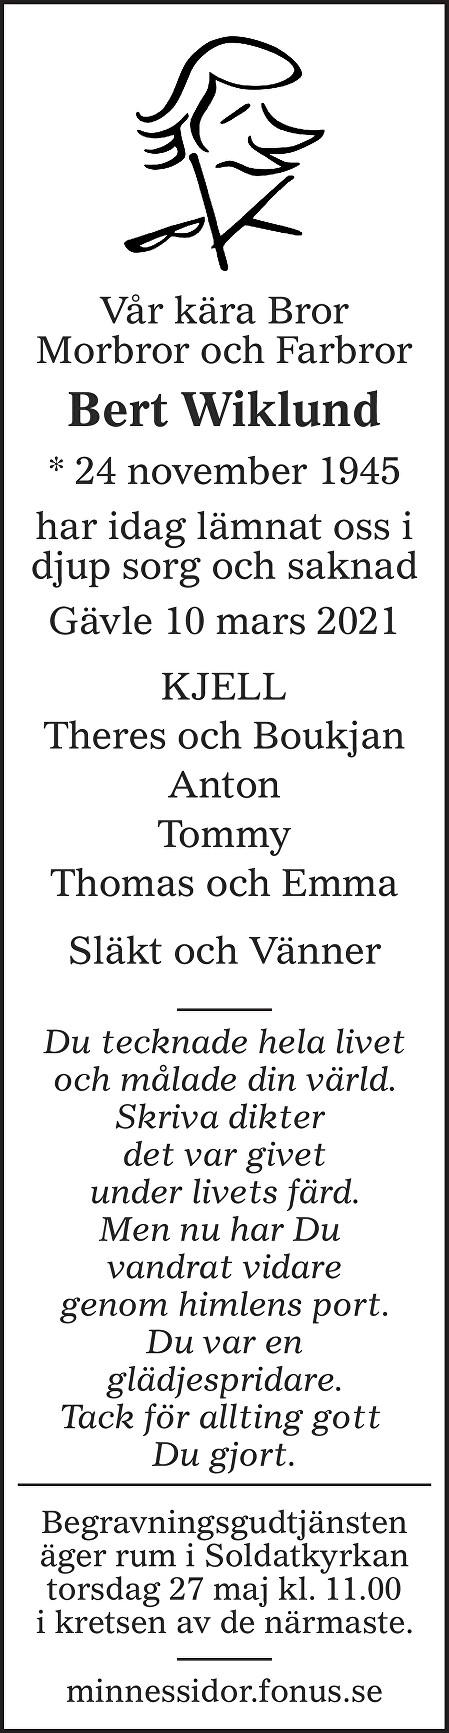 Bert Wiklund Death notice